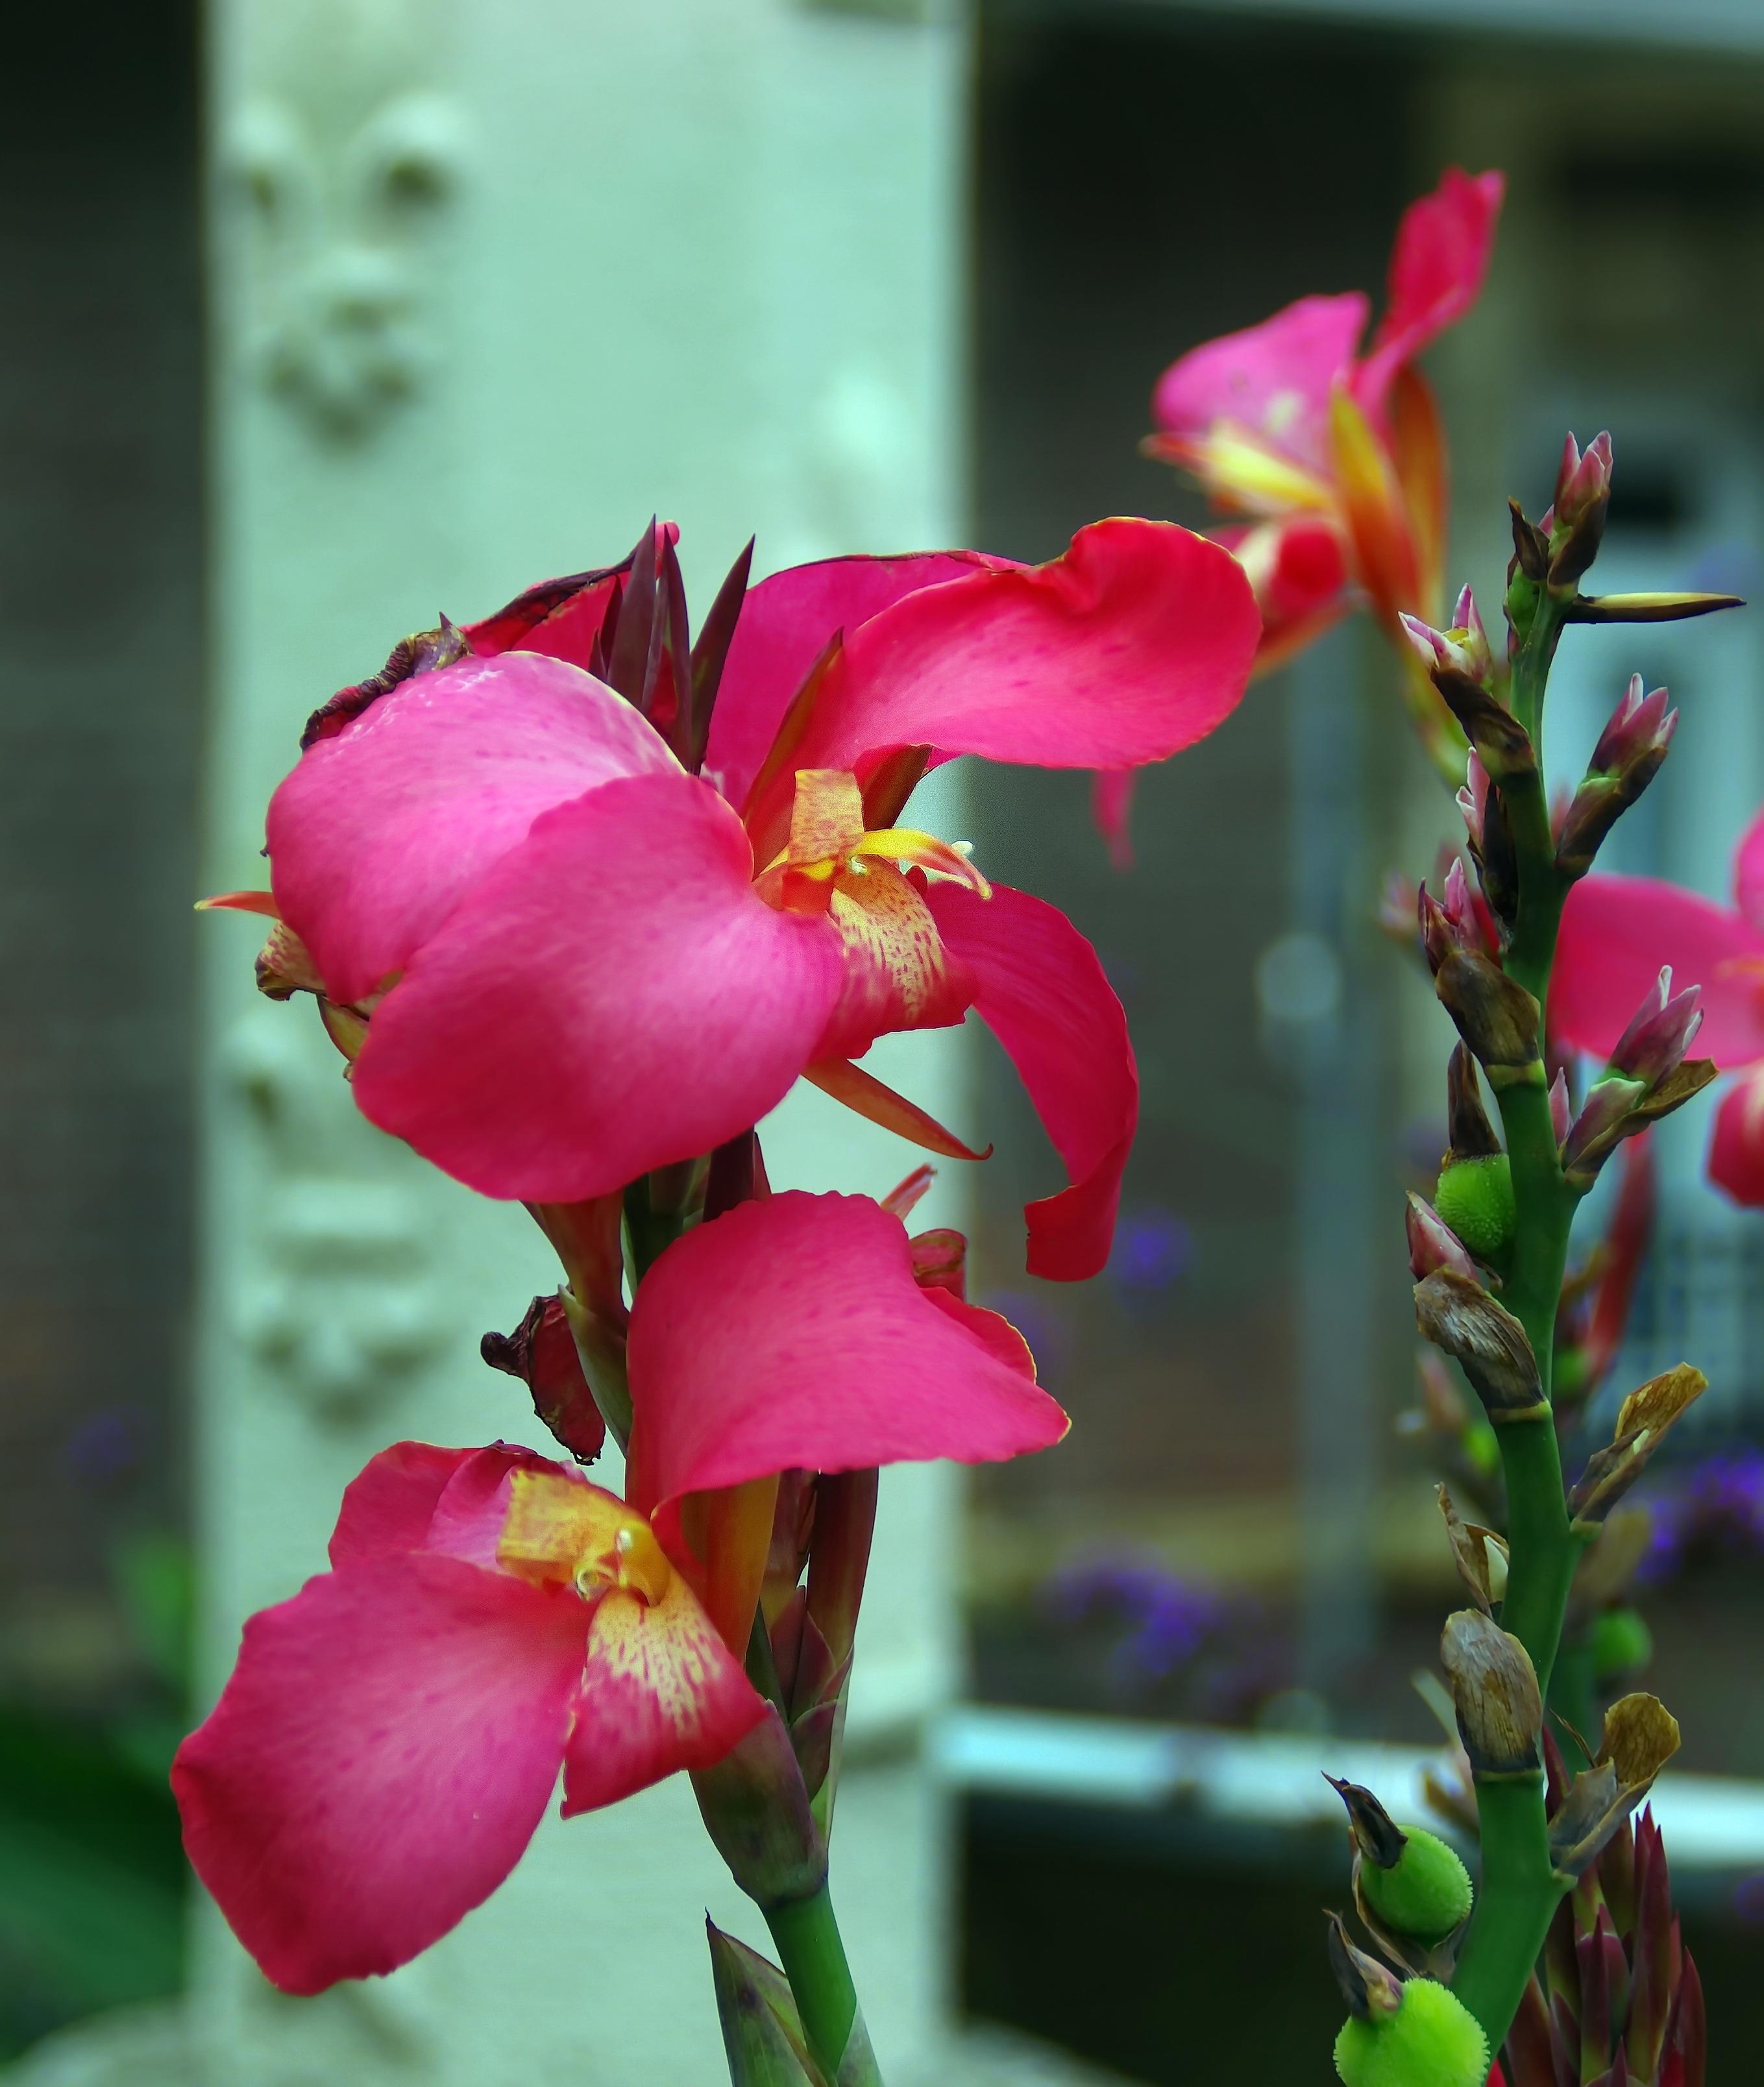 Free Images Blossom Petal Botany Flora Tropical Plant Petals